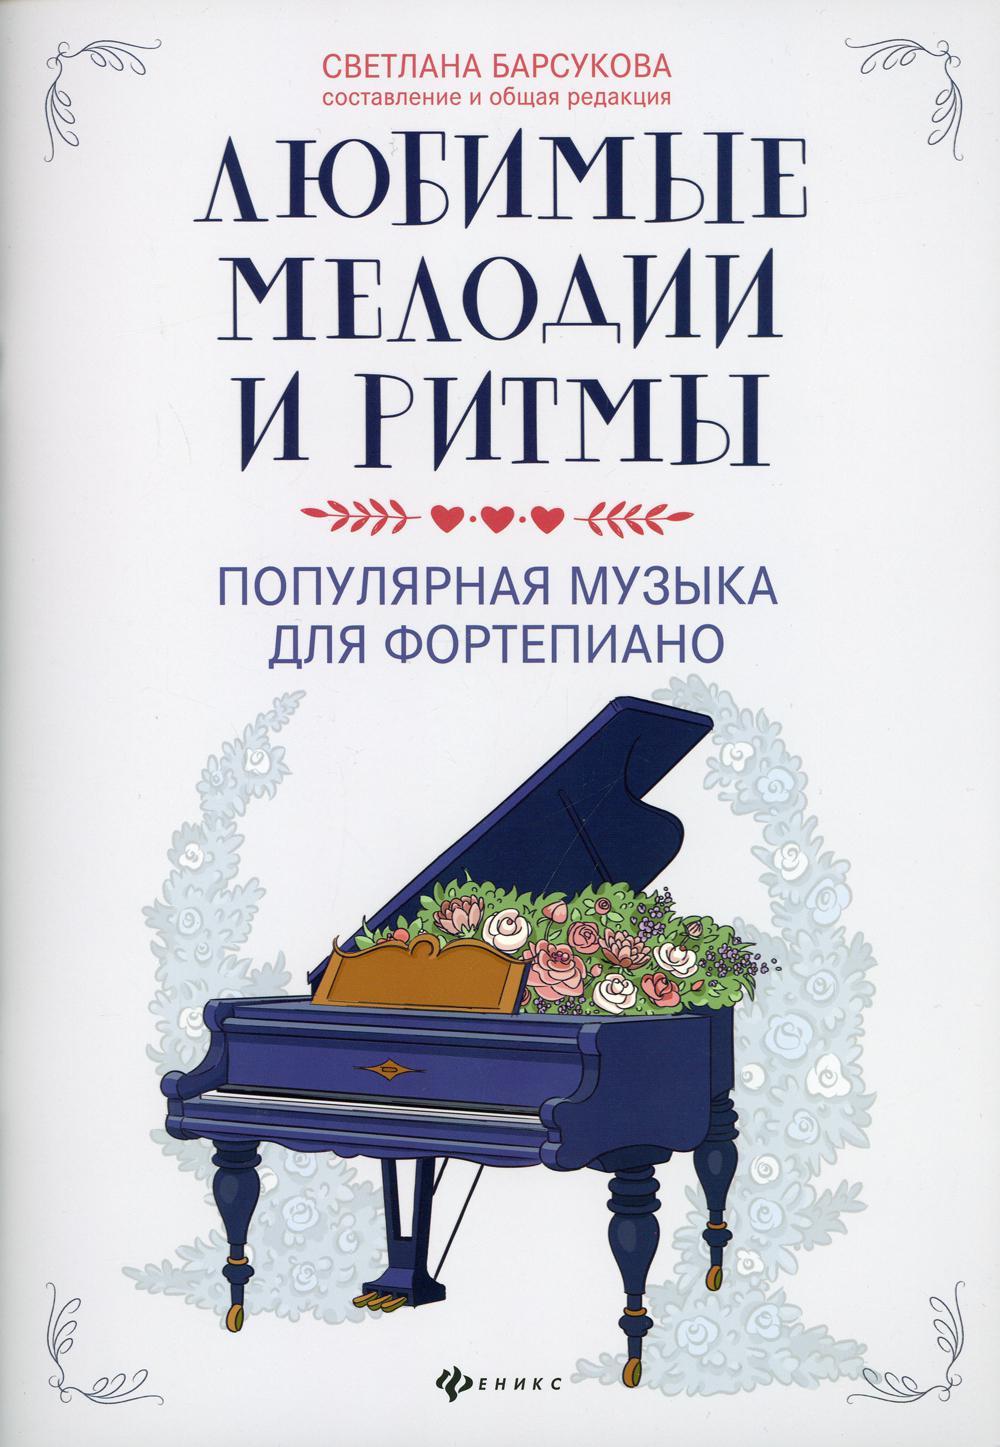 Любимые мелодии и ритмы:популярная музыка для фортепиано